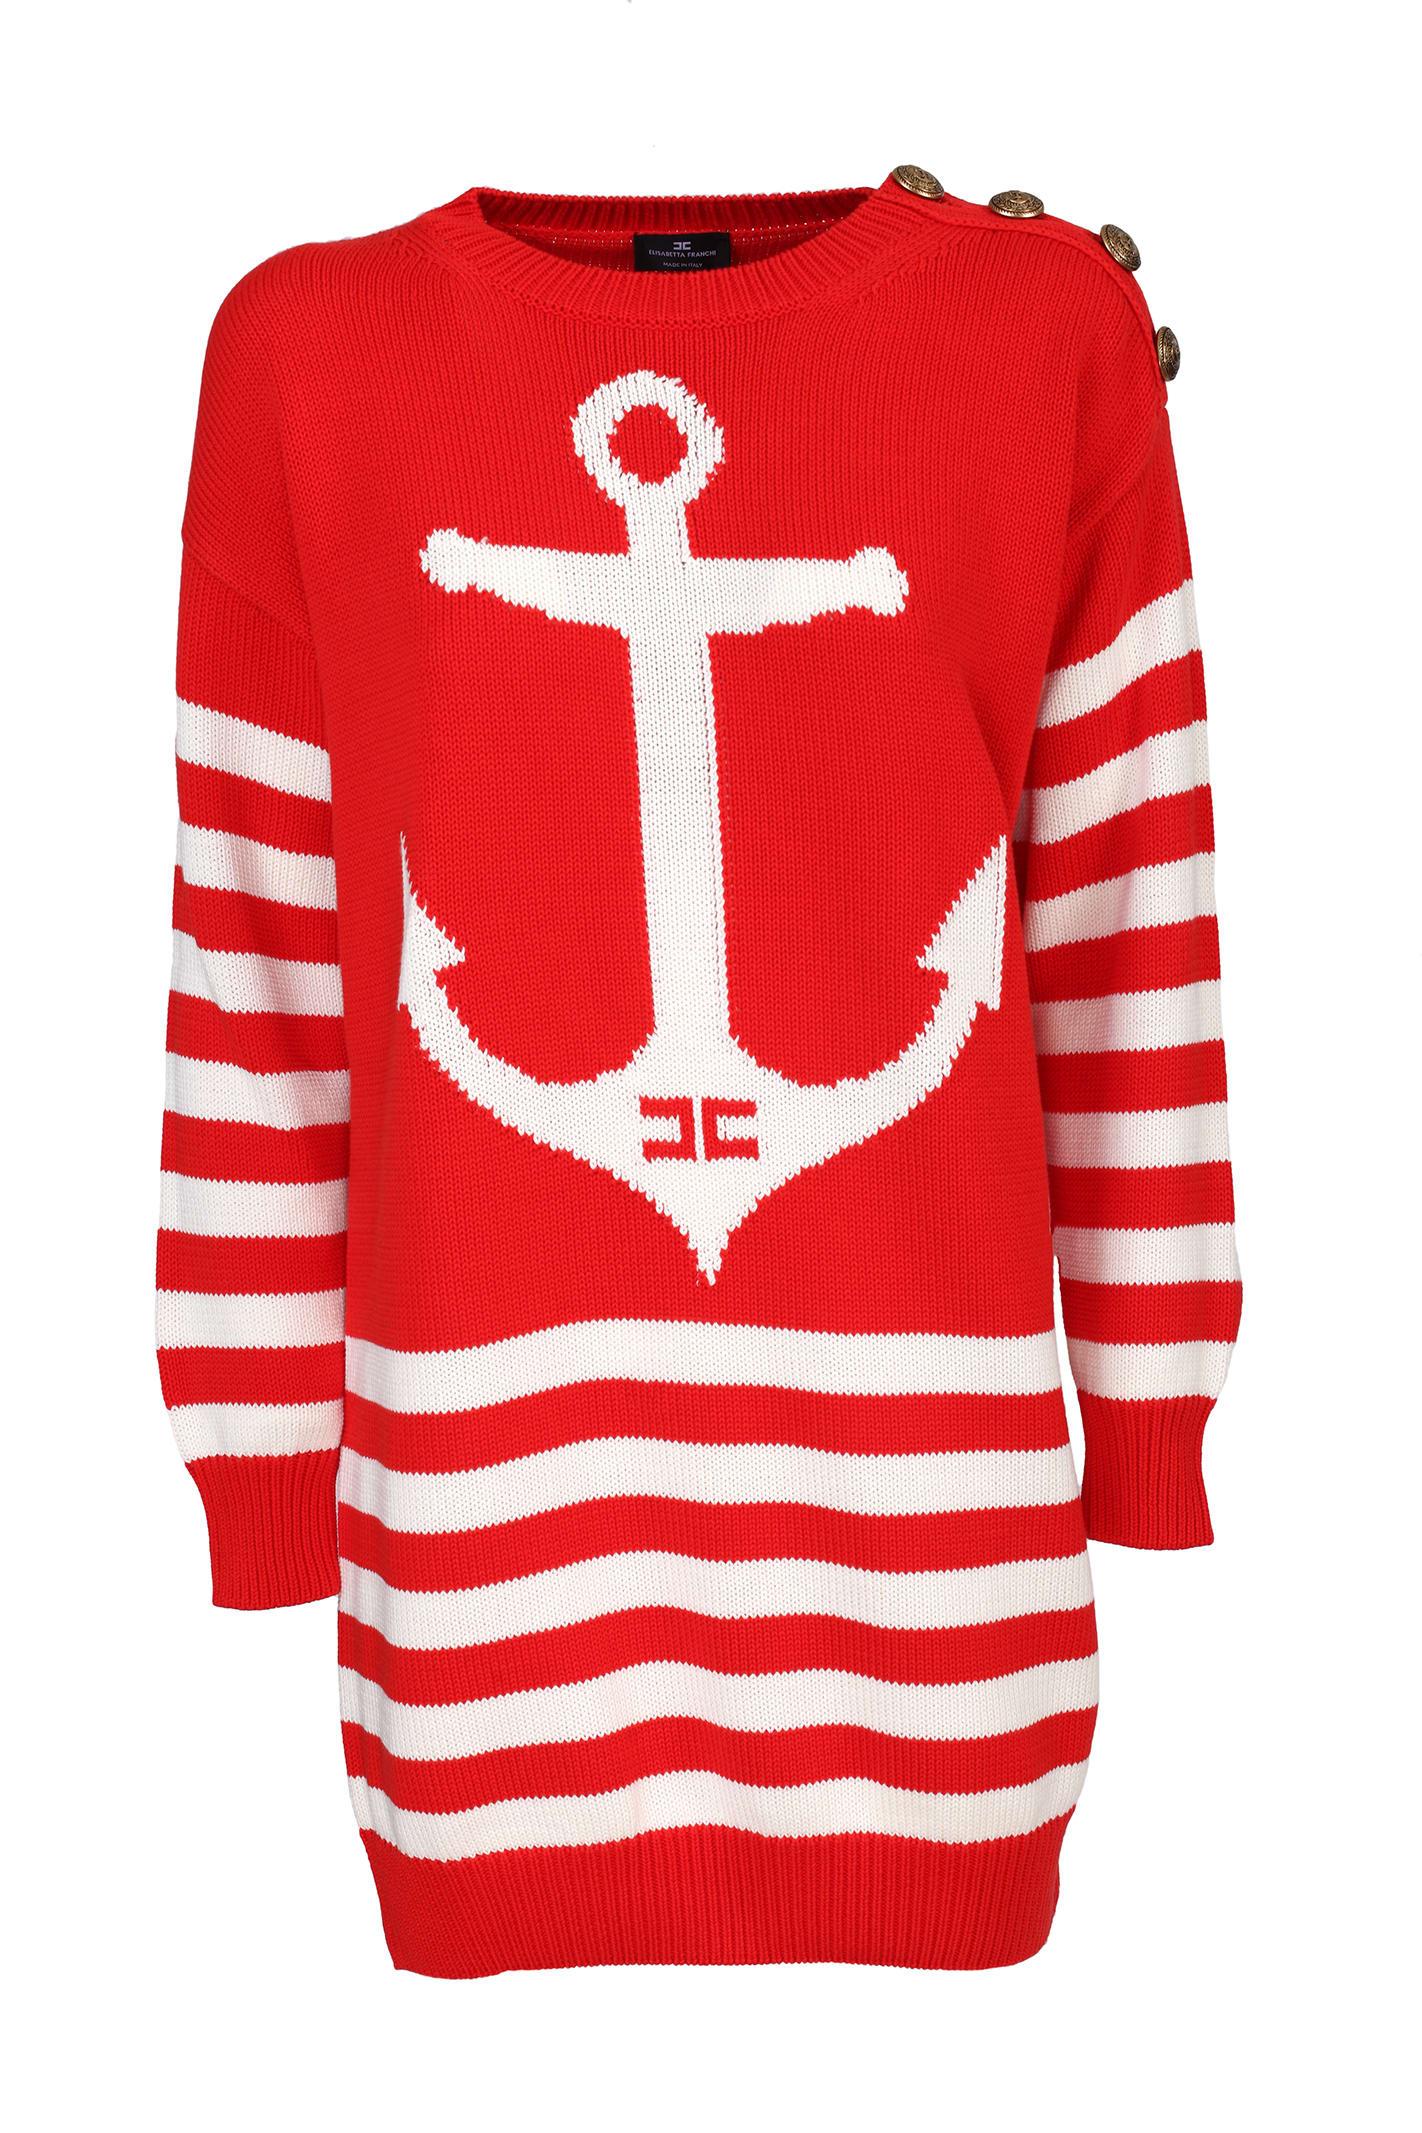 Buy Elisabetta Franchi Celyn B. Elisabetta Franchi Knitted Dress online, shop Elisabetta Franchi Celyn B. with free shipping